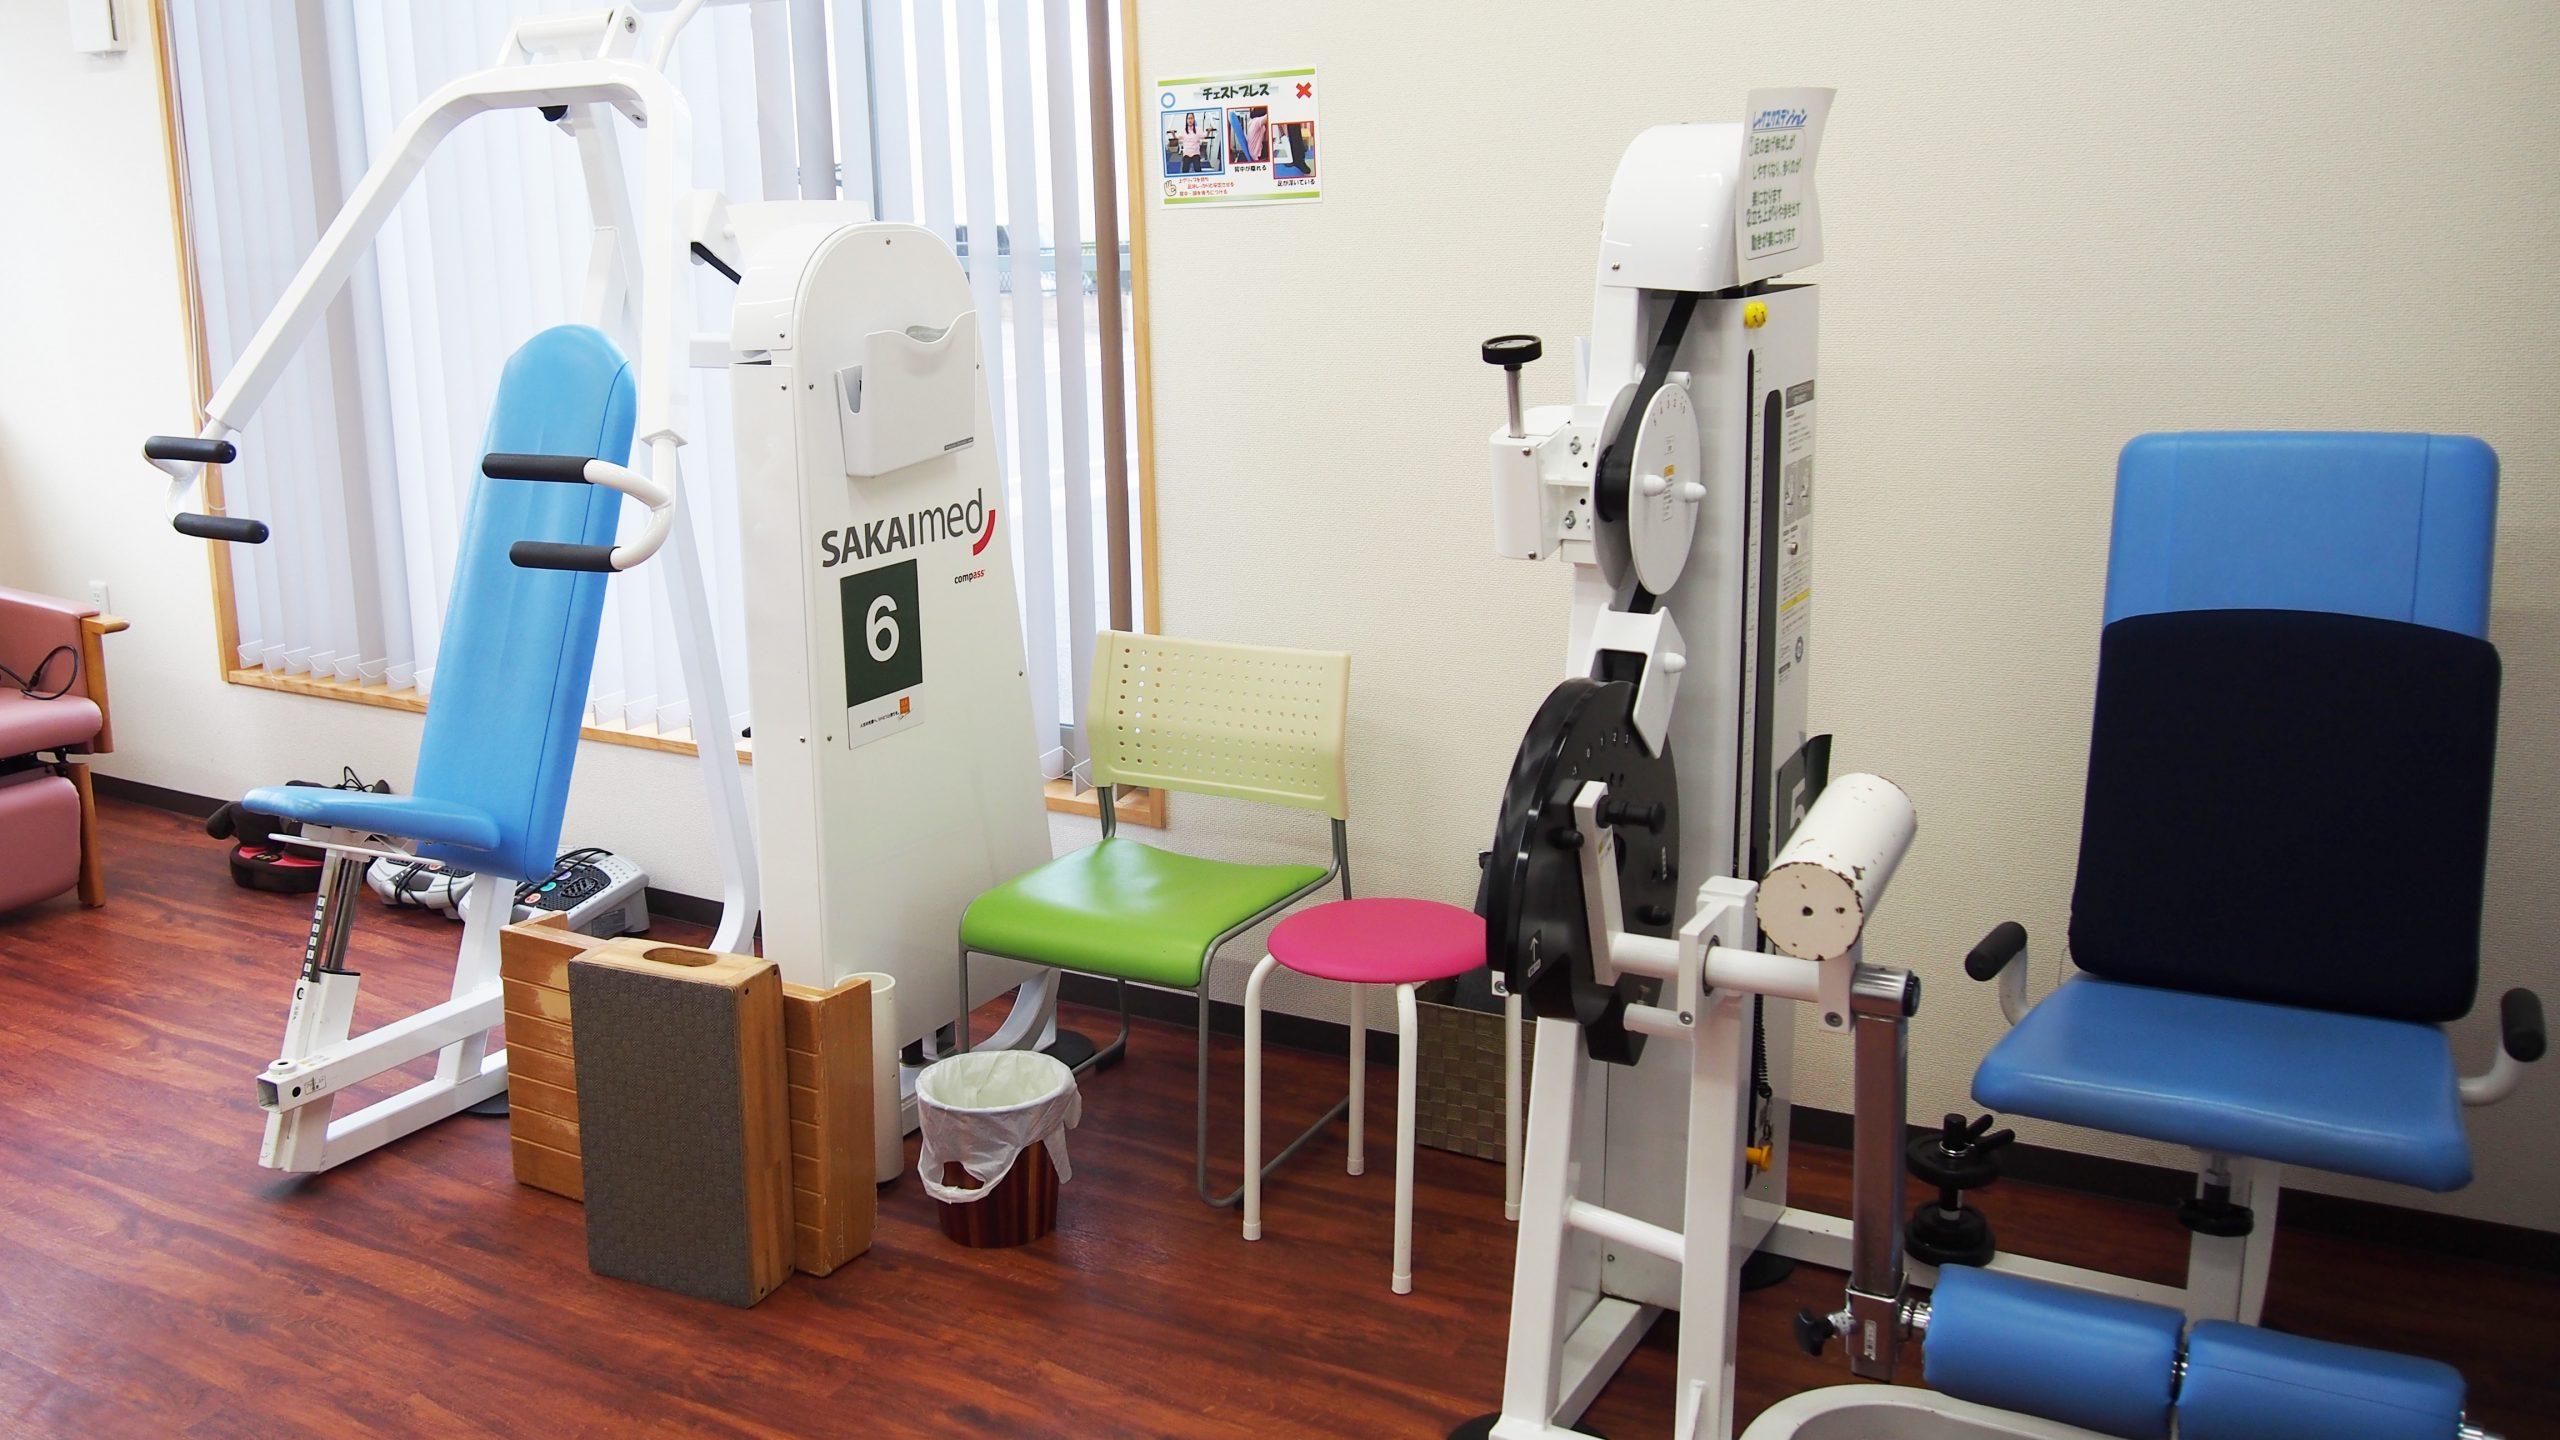 施設内に設置されているリハビリ器具